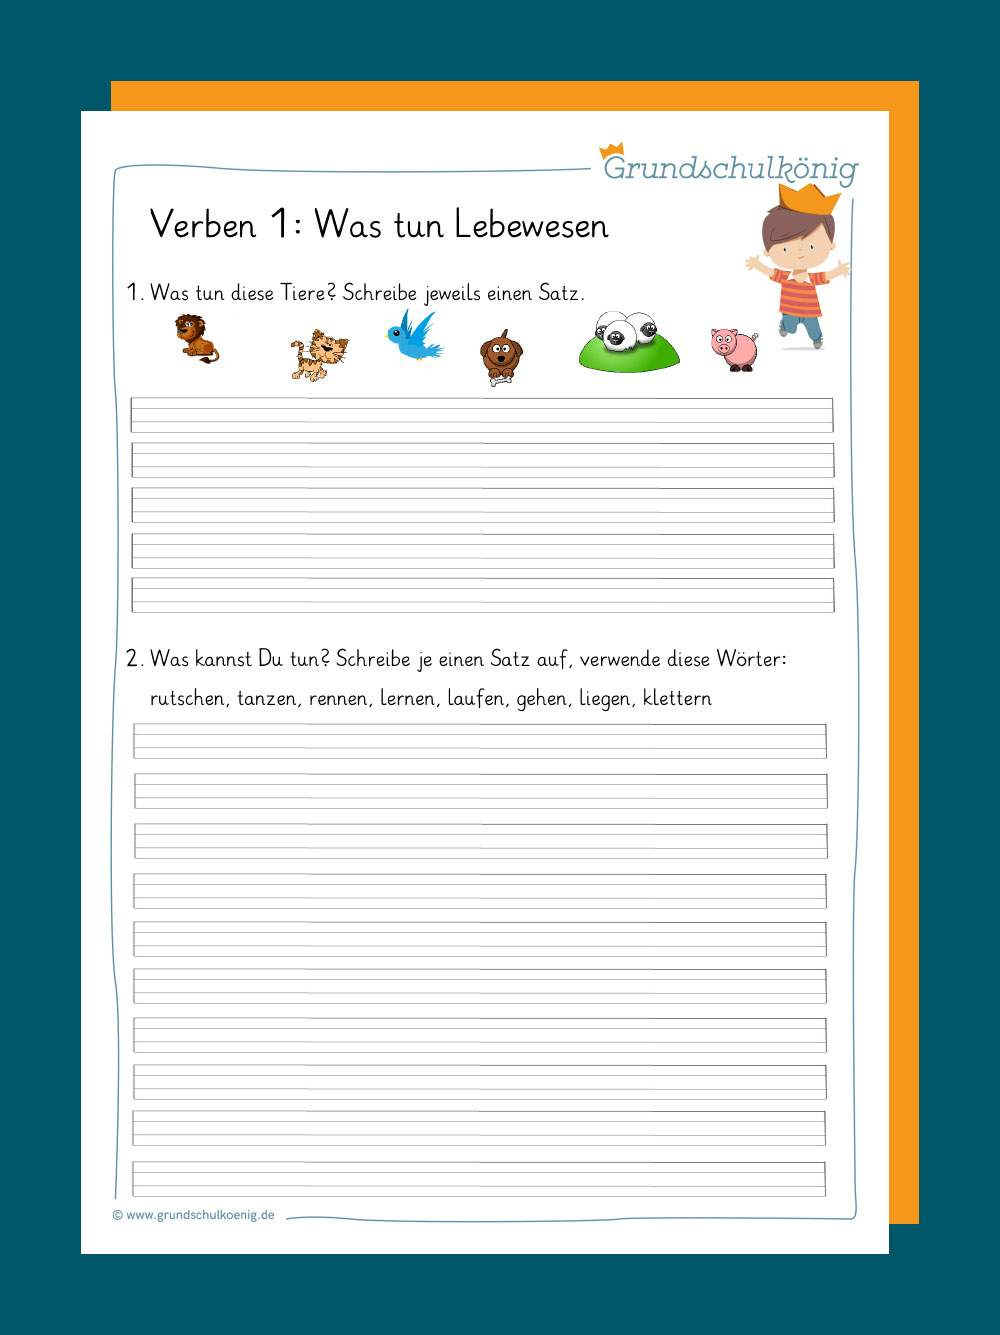 Verben Und Zeitformen verwandt mit Deutsch 4 Klasse Zeitformen Übungen